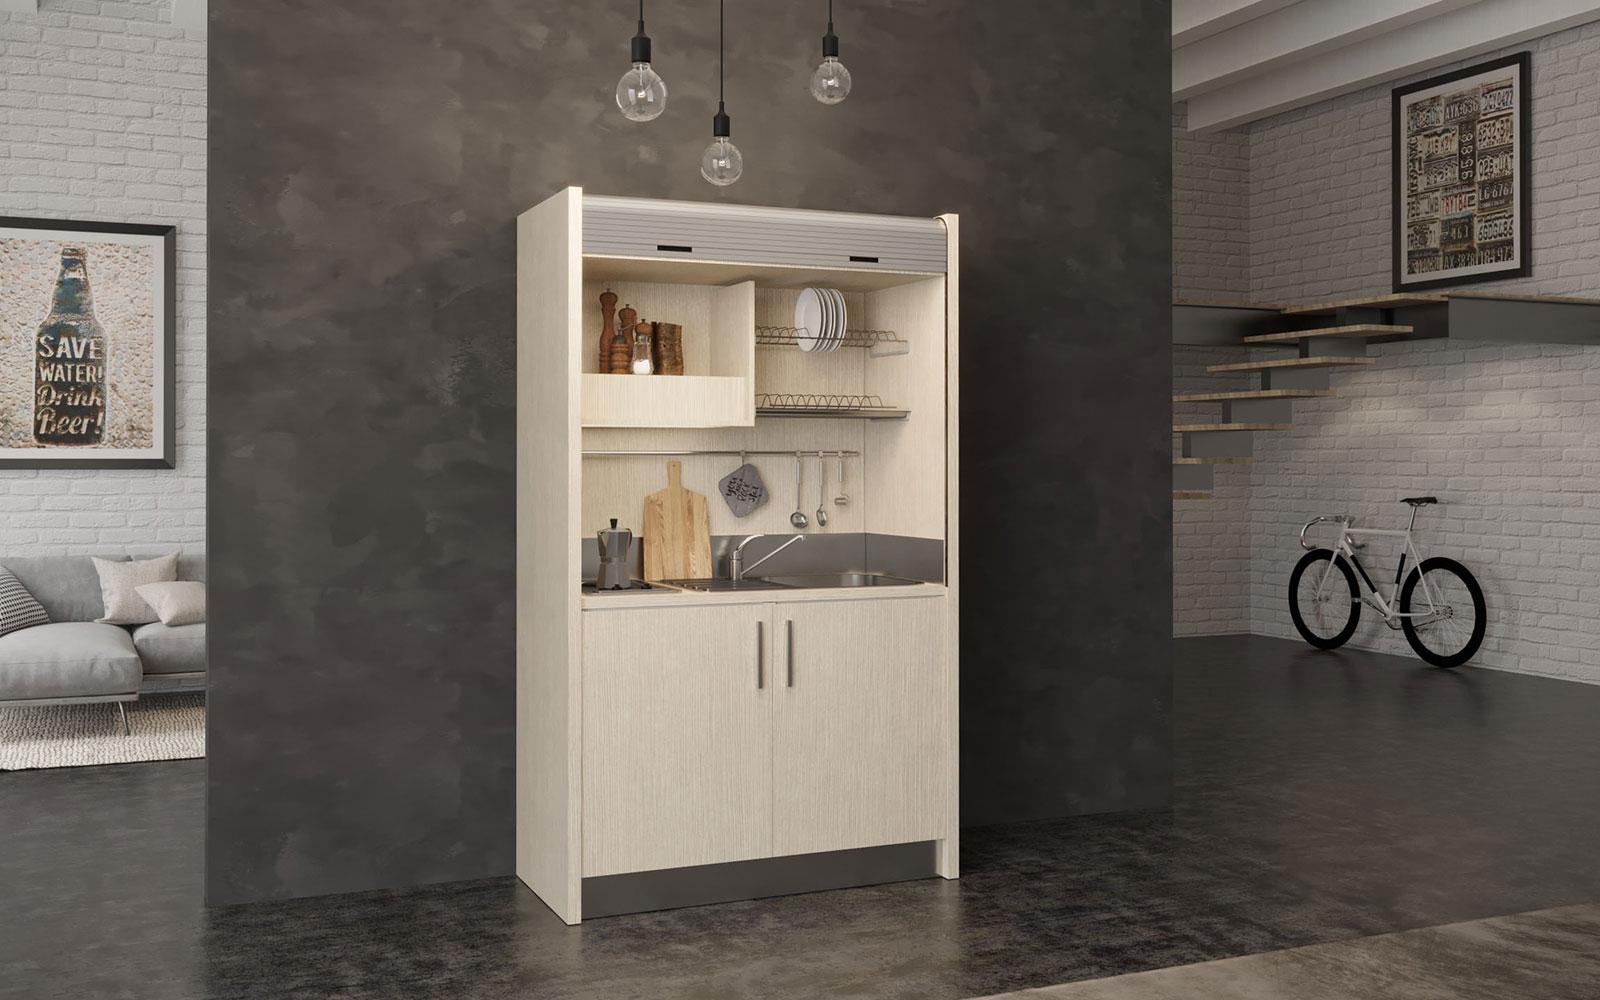 Salento DX - Cucina monoblocco a scomparsa con serranda 128cm